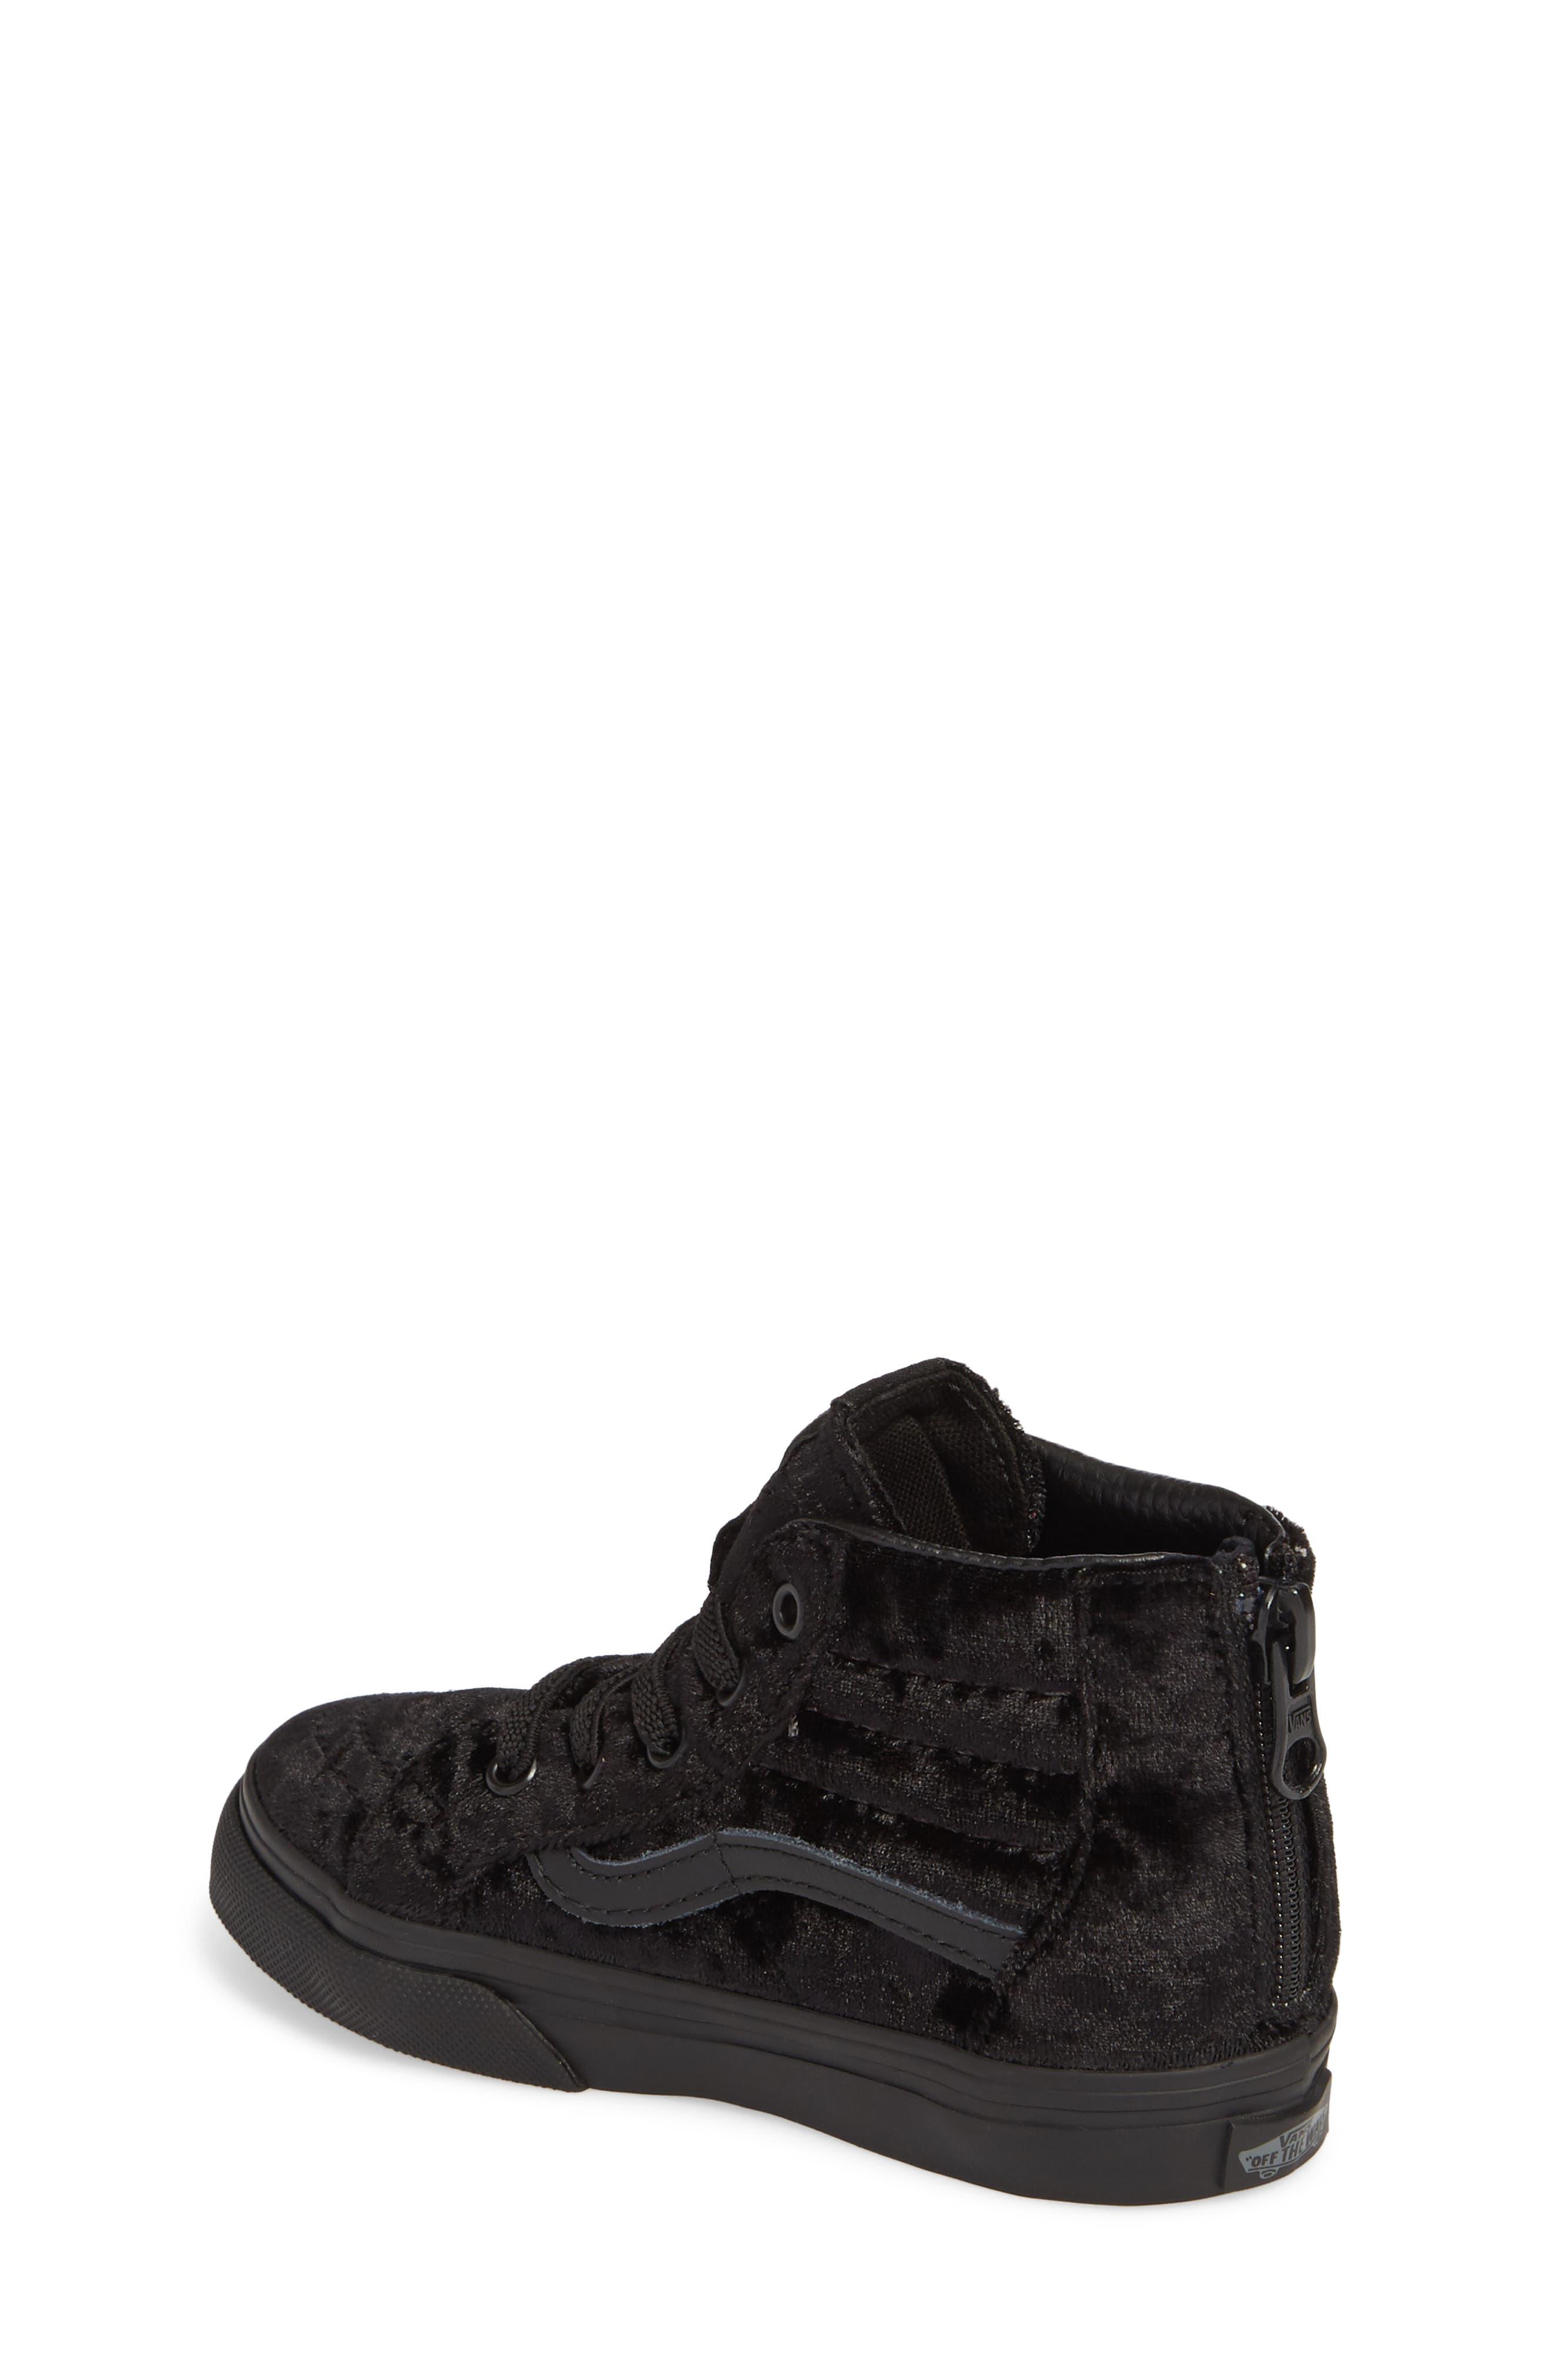 SK8-Hi Zip Sneaker,                             Alternate thumbnail 2, color,                             001